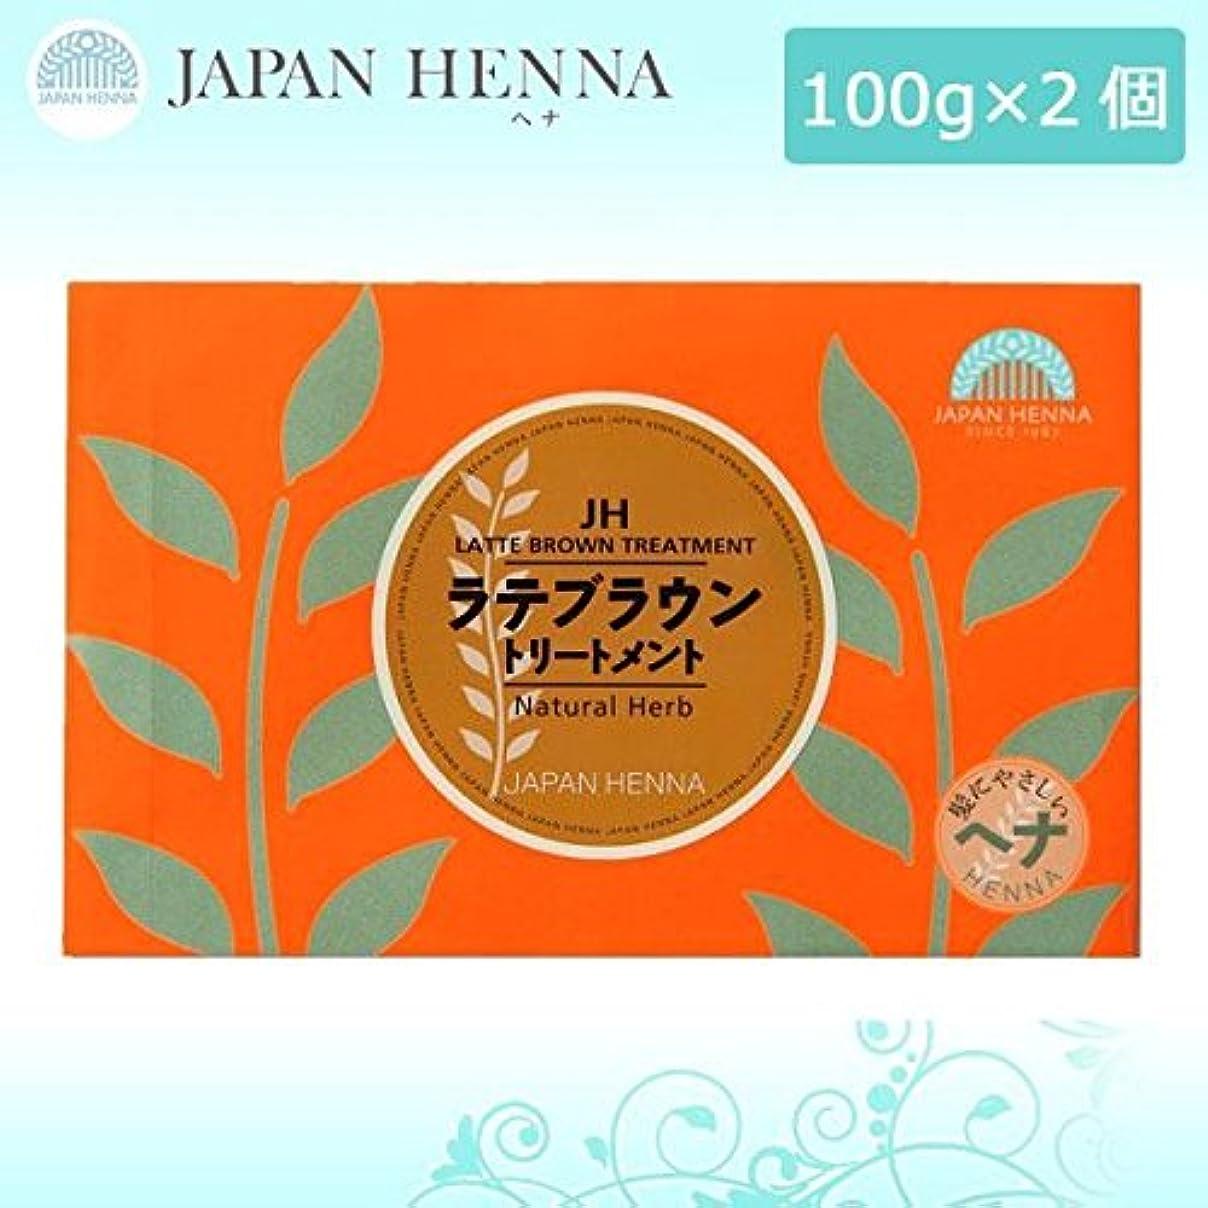 憲法従者広々としたジャパンヘナ ヘナカラートリートメント ラテブラウン B-10 100g×2個セット